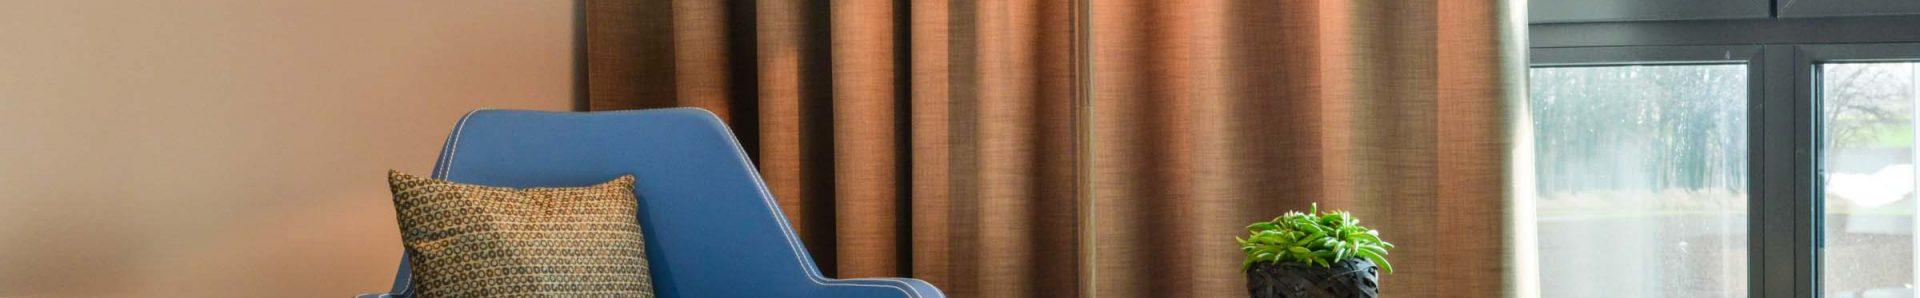 Modernste Ausstattung im i-Park Hotel